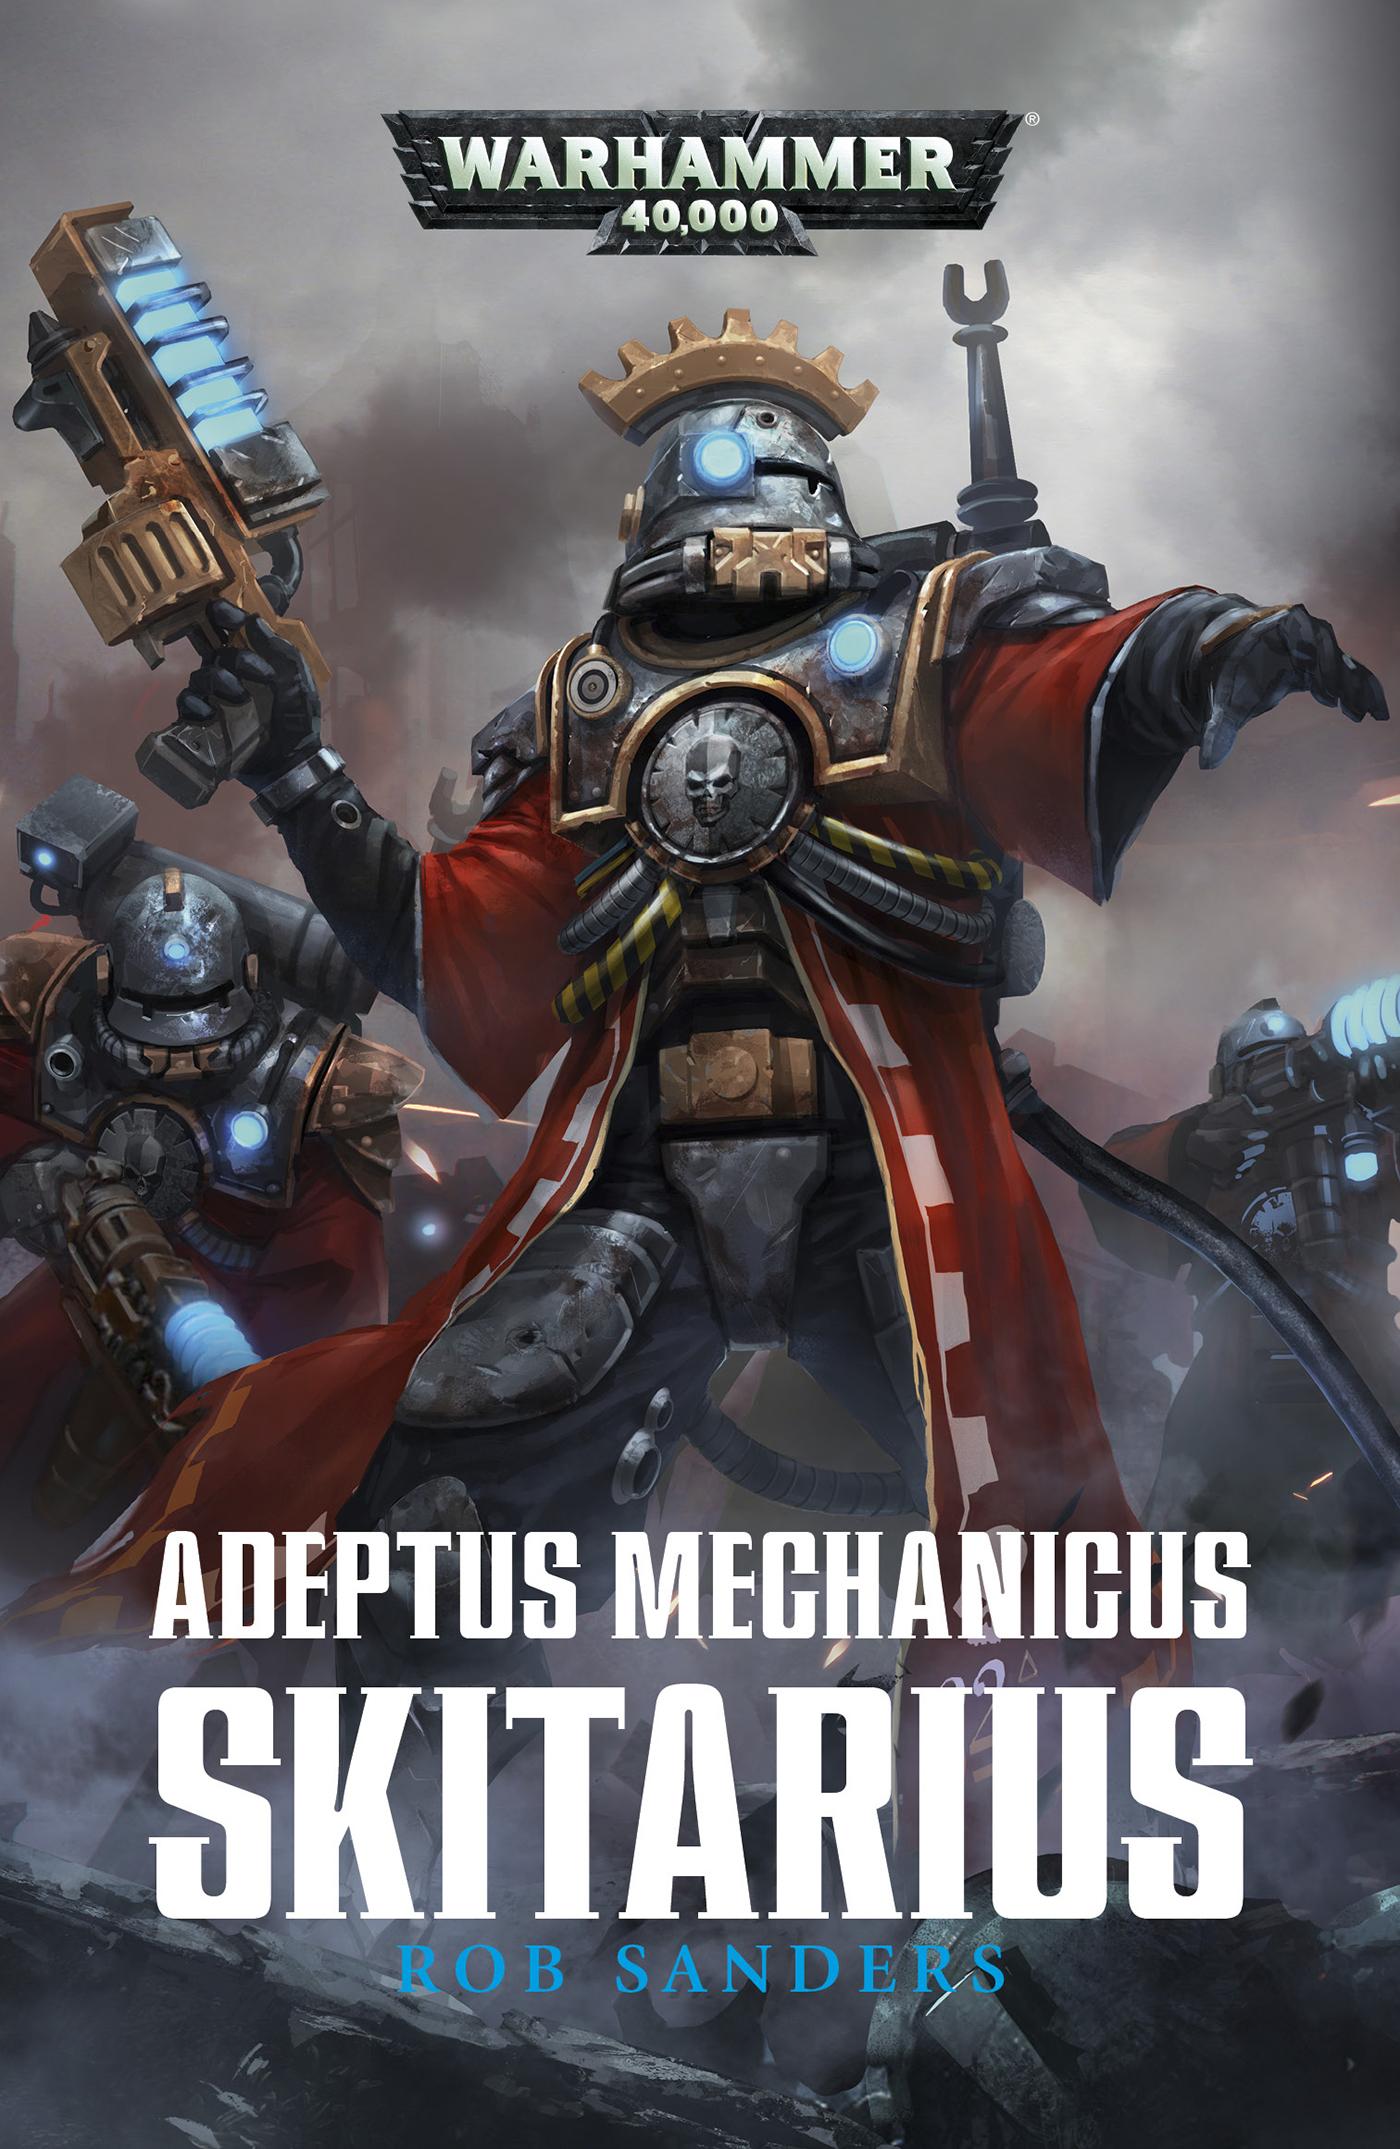 Adeptus Mechanicus: Skitarius by Rob Sanders